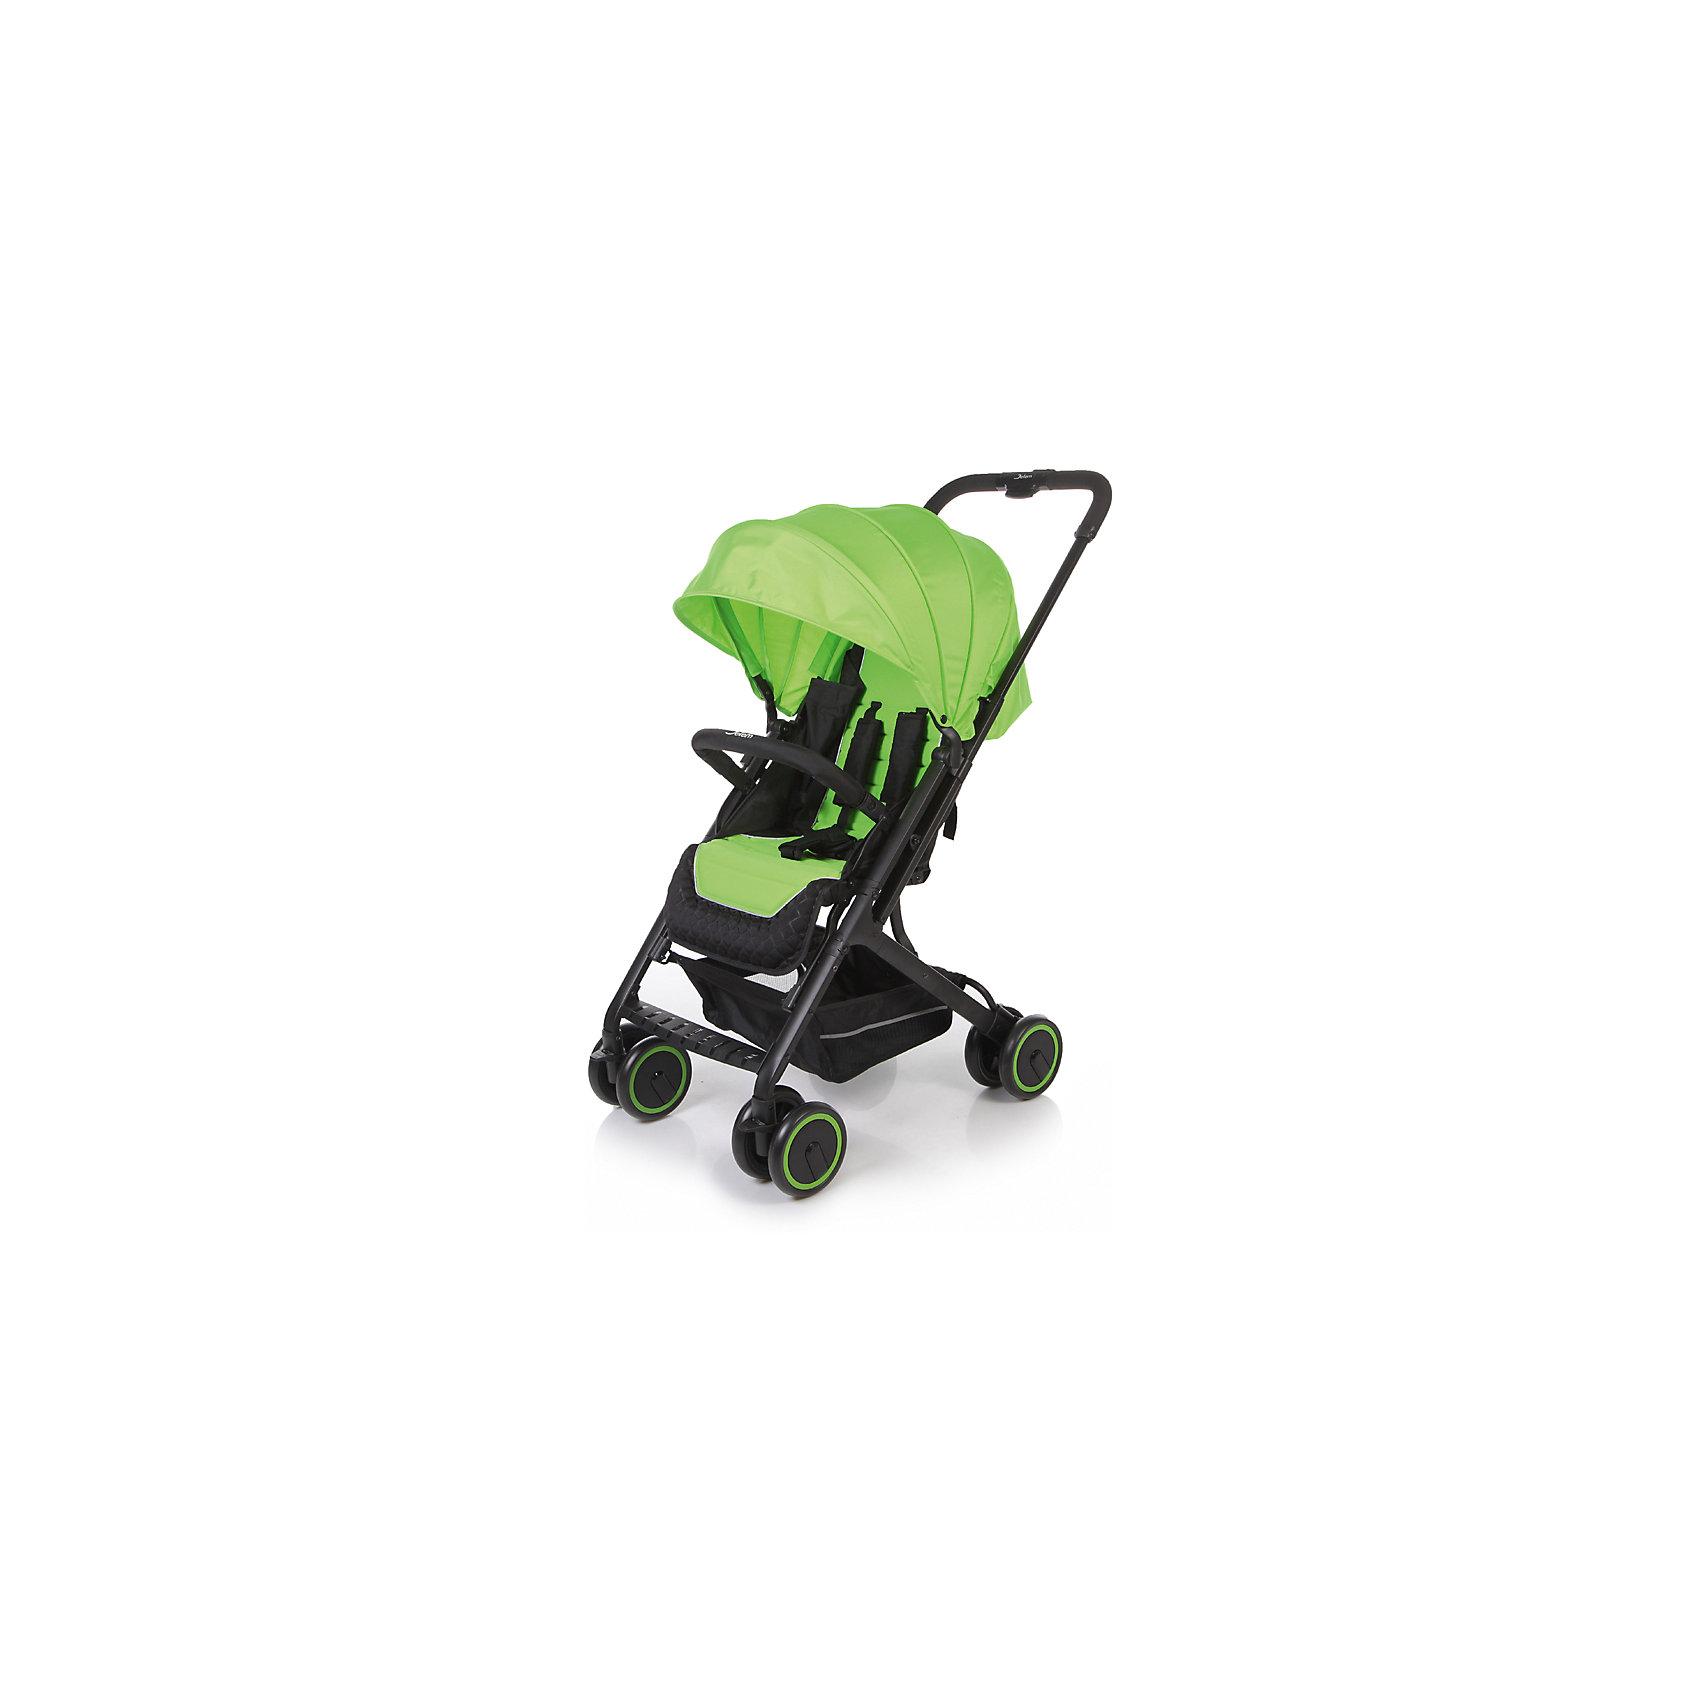 Прогулочная коляска Jetem Micro, зелёныйПрогулочные коляски<br>Характеристики коляски Jetem Micro:<br><br>• плавно регулируемая спинка при помощи ременного механизма;<br>• съемный бампер, обтянутый мягкой тканью;<br>• регулируемая подножка;<br>• 5-ти точечные ремни безопасности с мягкими накладками;<br>• материал: полиэстер.<br><br>Прогулочная коляска Jetem Micro — легкая и маневренная коляска, которая подойдет для городских и загородных прогулок и путешествий. Телескопическая ручка позволяет быстро сложить коляску одной рукой. Спинка плавно опускается сразу в нескольких положениях, что дает возможность малышу отдохнуть и поспать на прогулке. <br><br>Шасси коляски:<br><br>• легкая алюминиевая рама;<br>• все колеса коляски сдвоенные;<br>• передние колеса поворотные с возможностью блокировки;<br>• диаметр колес 15,3 см;<br>• ширина колесной базы 51 см;<br>• амортизаторы на всех колесах для смягчения неровностей на дороге;<br>• тип складывания «книжка»;<br>• телескопическая ручка;<br>• ножной тормоз;<br>• корзина для покупок размером  33х32х13,5 см<br>• компактное сложение одной рукой;<br>• устойчива в сложенном виде.<br><br>Размер коляски в разложенном виде 68х51х94 см<br>Размер коляски в сложенном виде 70х51х29 см<br>Вес коляски 6,1 кг<br>Размер упаковки 53х52х26 см<br>Вес упаковки 7,8 кг<br><br>Комплектация:<br><br>• прогулочный блок;<br>• корзина для покупок;<br>• накидка на ножки;<br>• инструкция.<br><br>Прогулочную коляску Jetem Micro зеленую можно приобрести в нашем интернет-магазине.<br><br>Ширина мм: 530<br>Глубина мм: 520<br>Высота мм: 260<br>Вес г: 7800<br>Возраст от месяцев: 6<br>Возраст до месяцев: 36<br>Пол: Унисекс<br>Возраст: Детский<br>SKU: 5493341